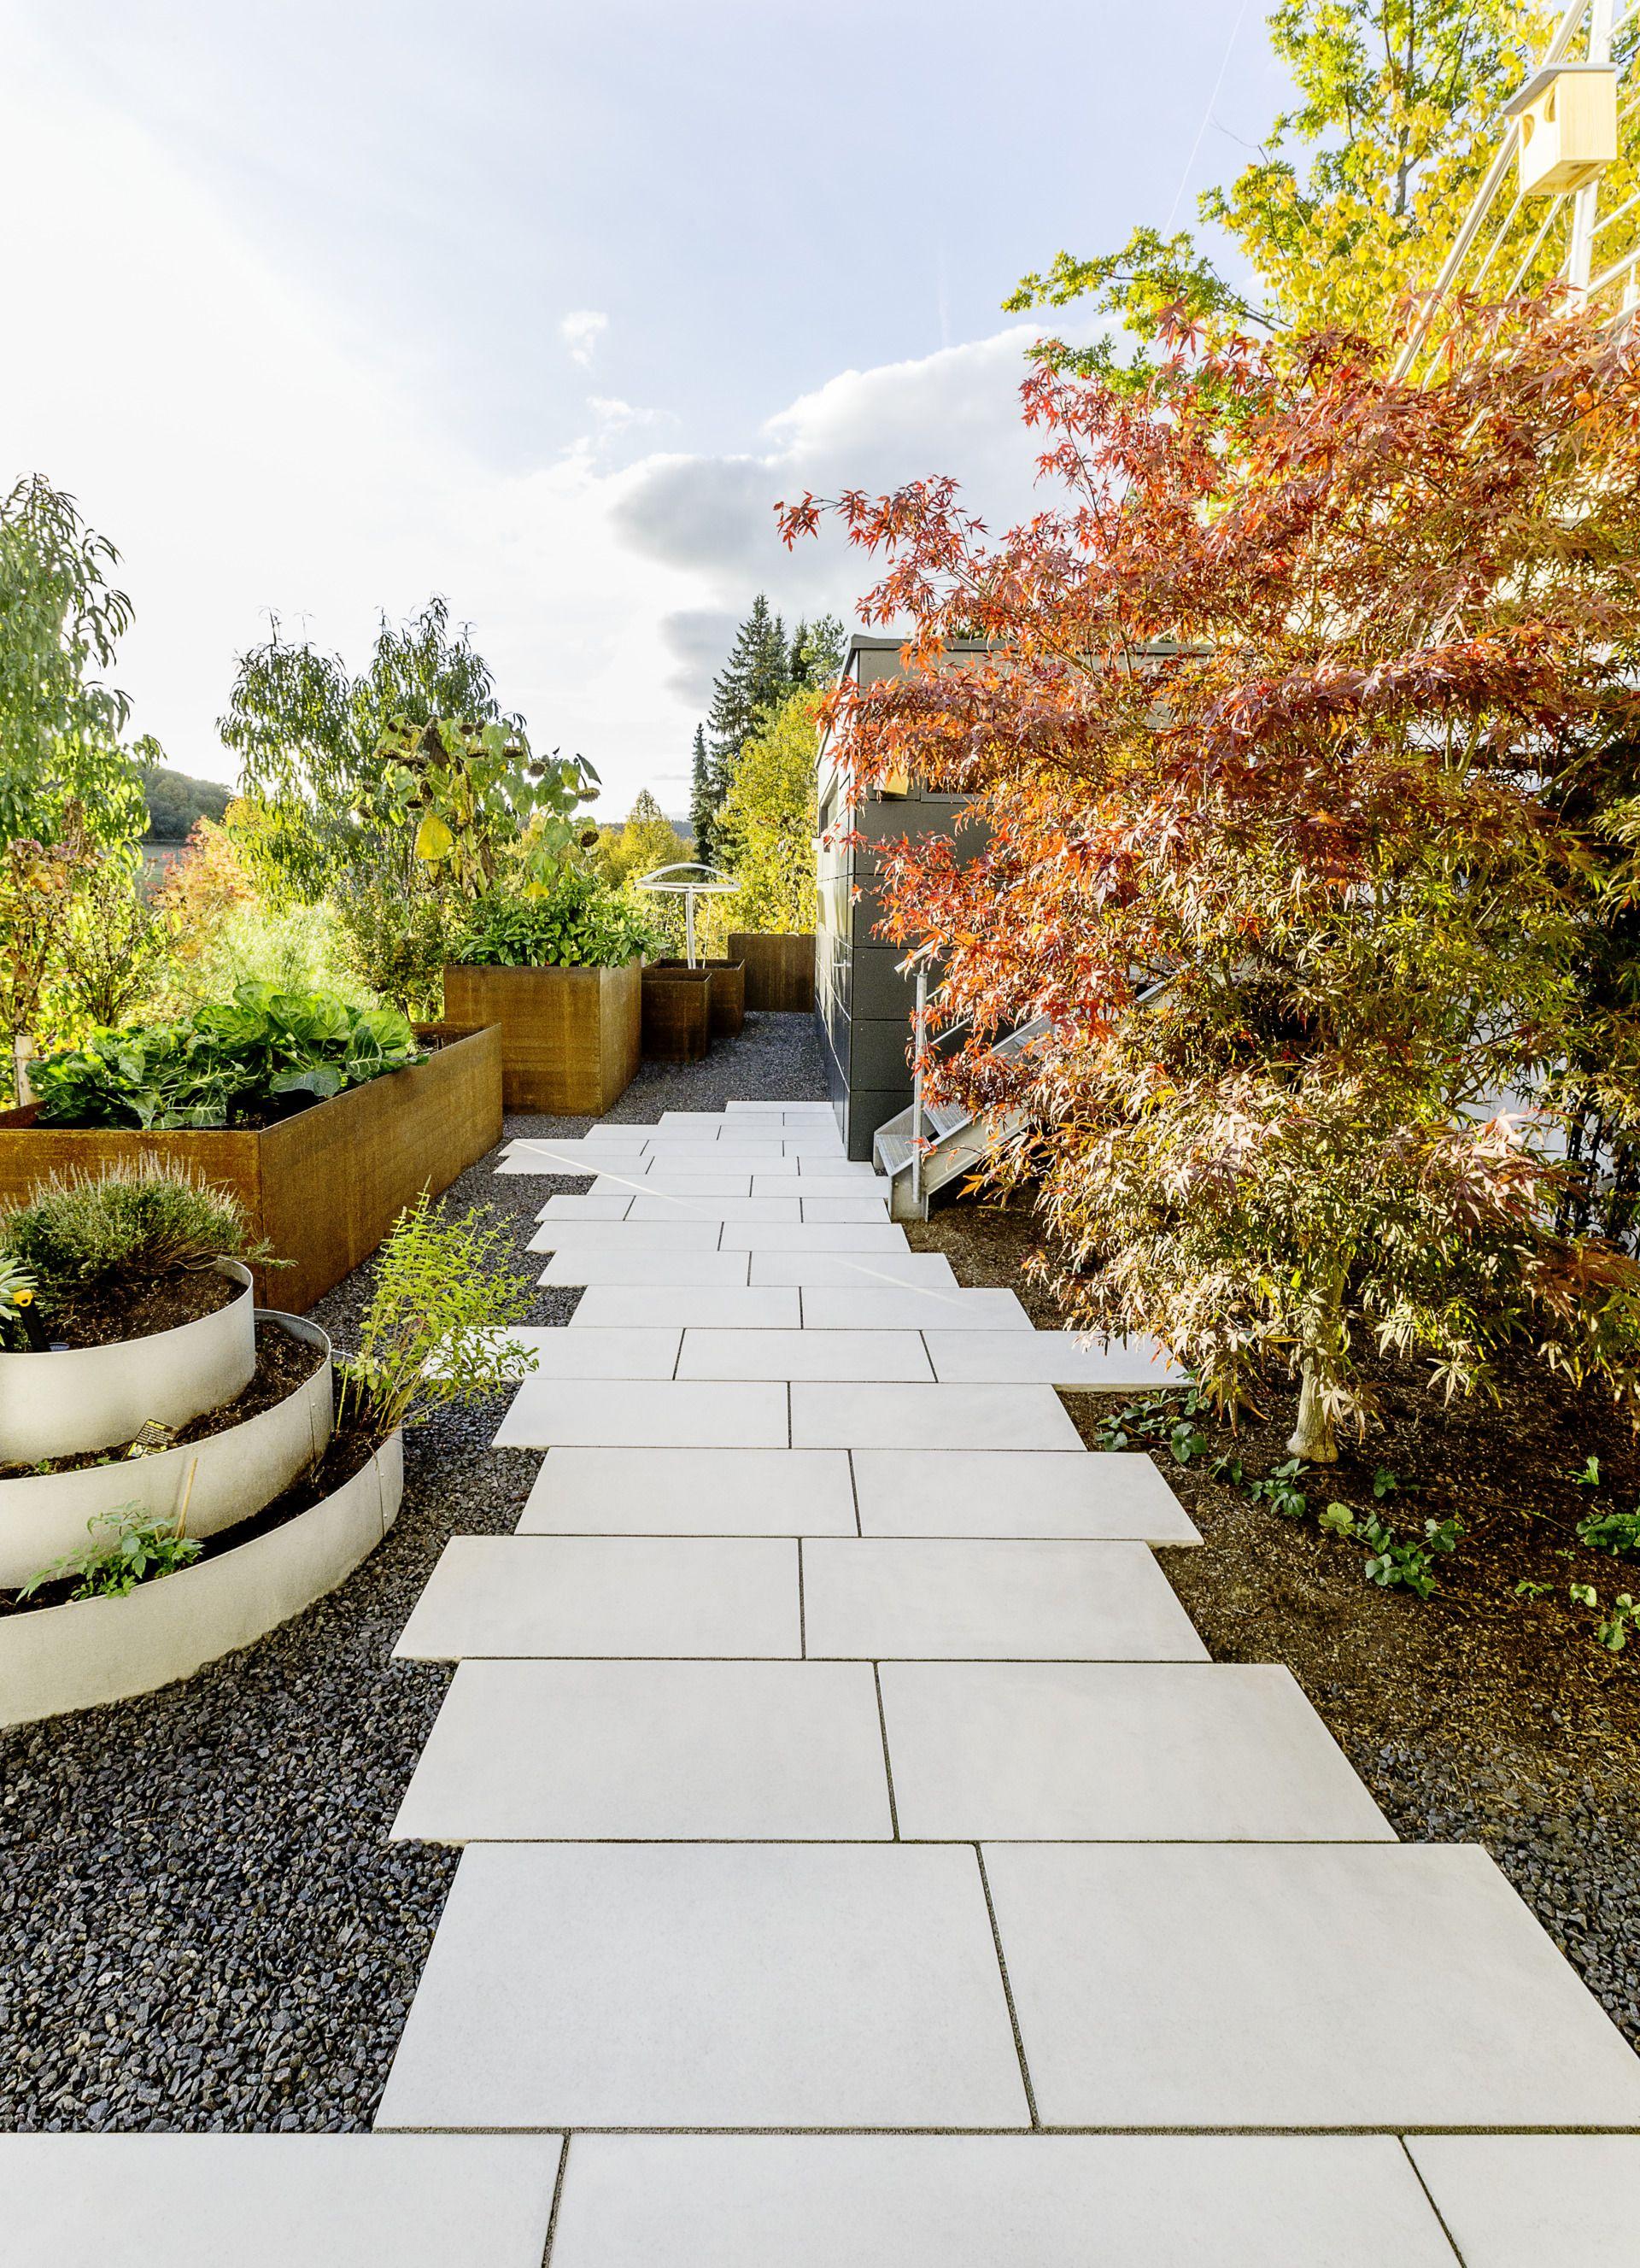 Kreativer Gartenweg Aus Betonplatten Godelmann Gartenweg Garten Moderner Garten Garten Design